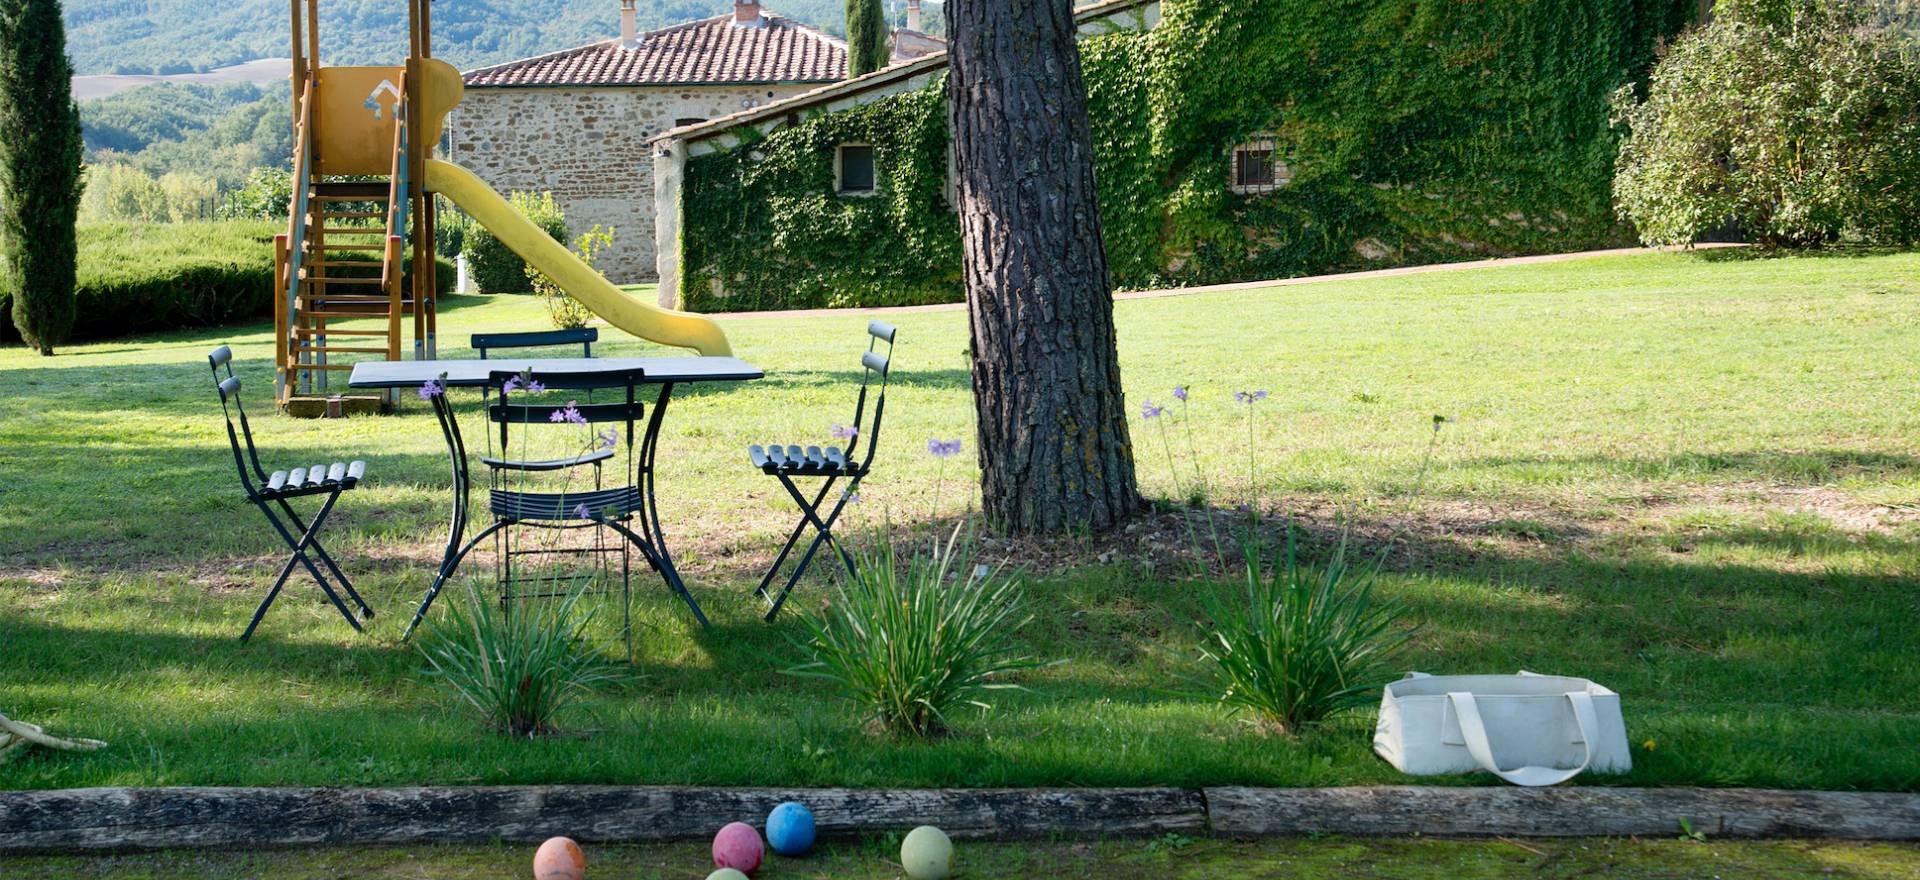 Agriturismo Toscane Agriturismo Toscane, appartementen met sfeervol interieur